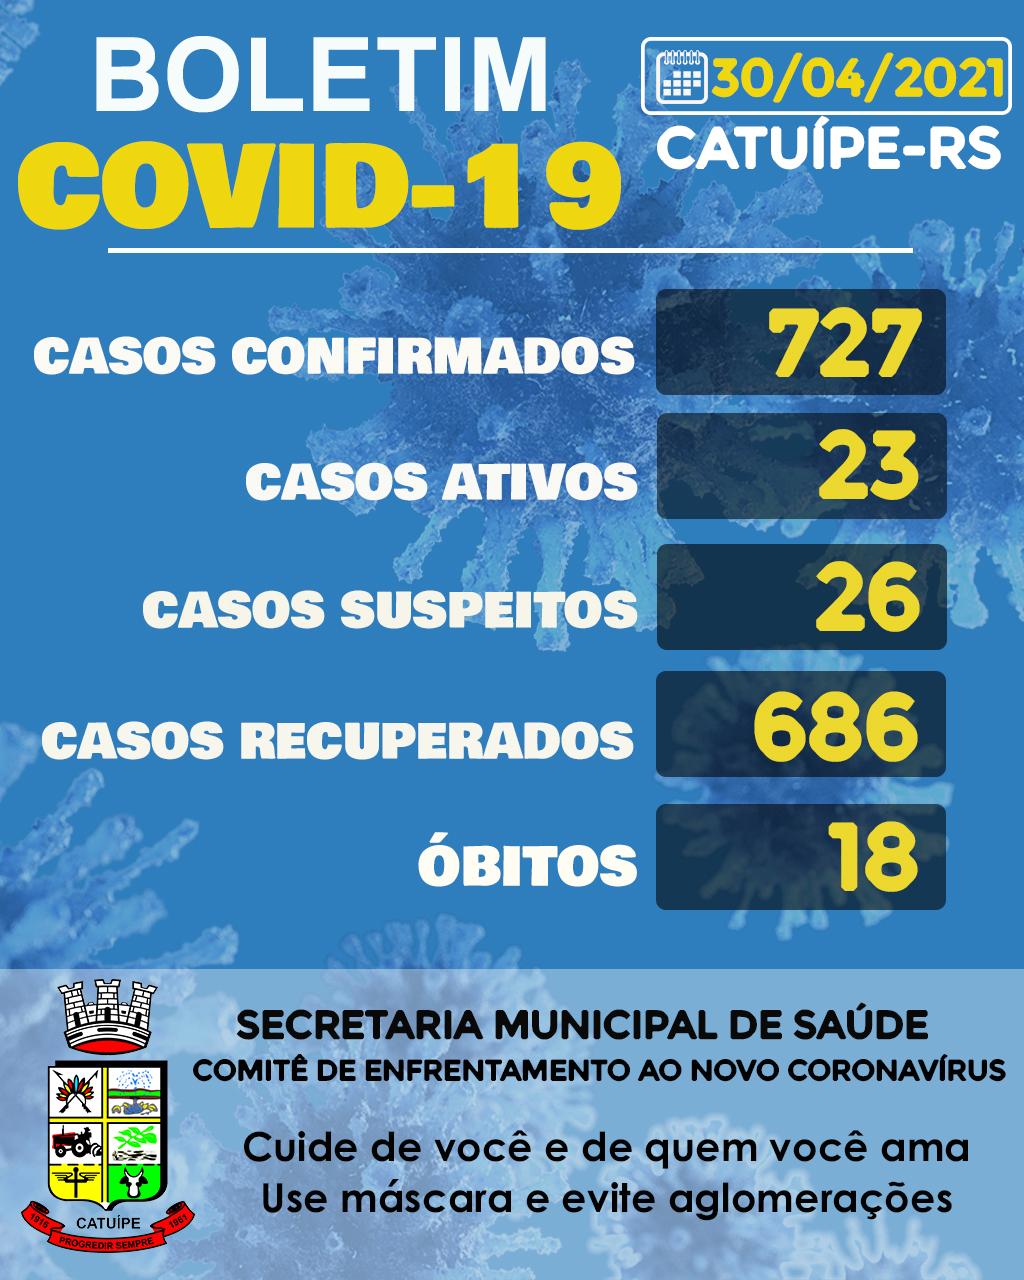 SÁBADO TERÁ NOVO DRIVE THRU DE VACINAÇÃO CONTRA A COVID-19 EM CATUÍPE